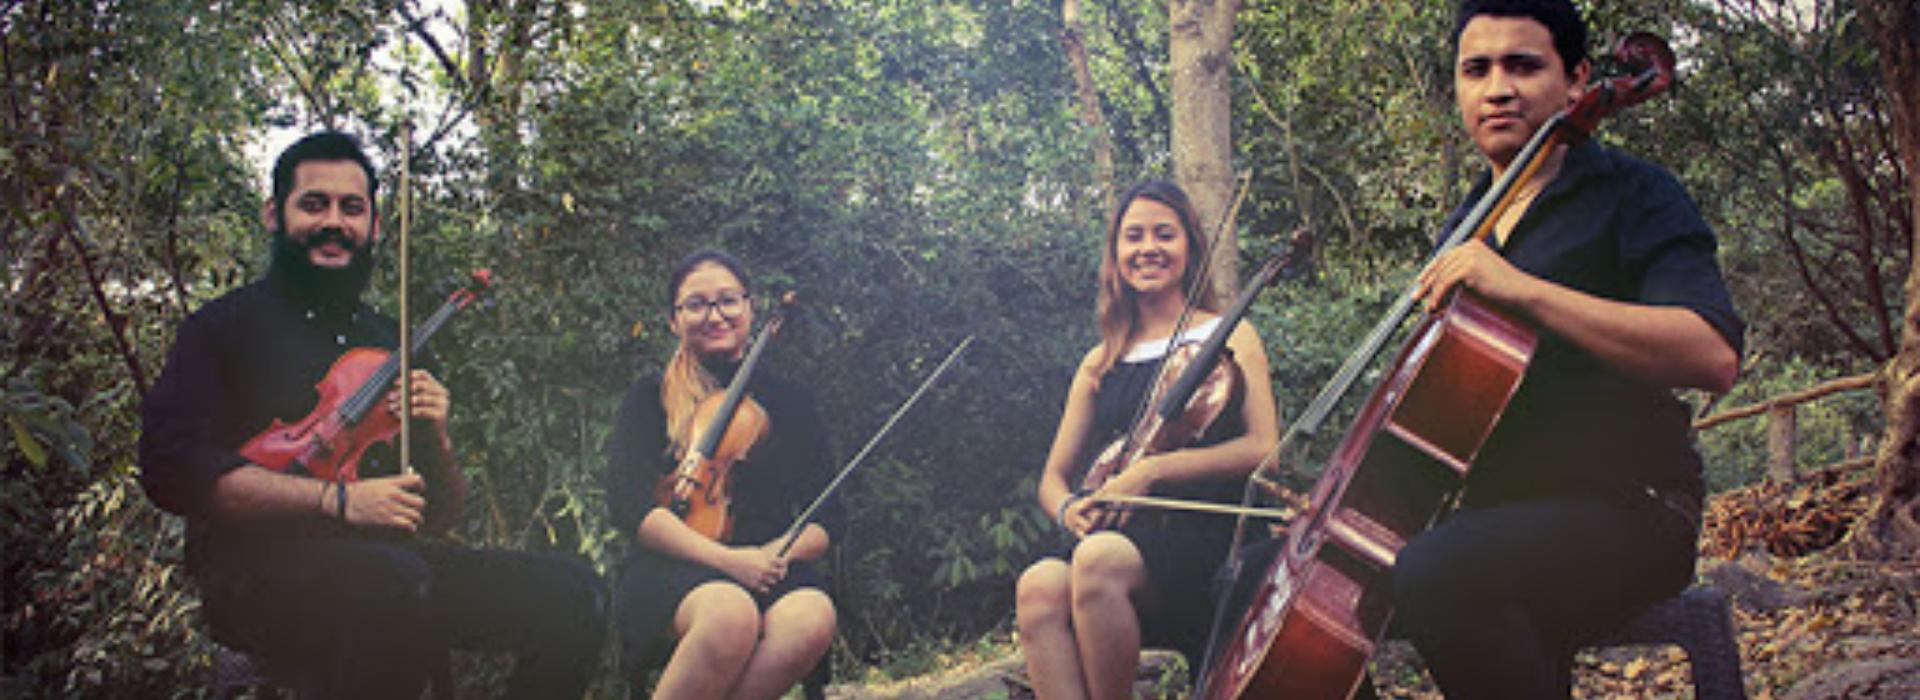 Música para eventos en San Salvador